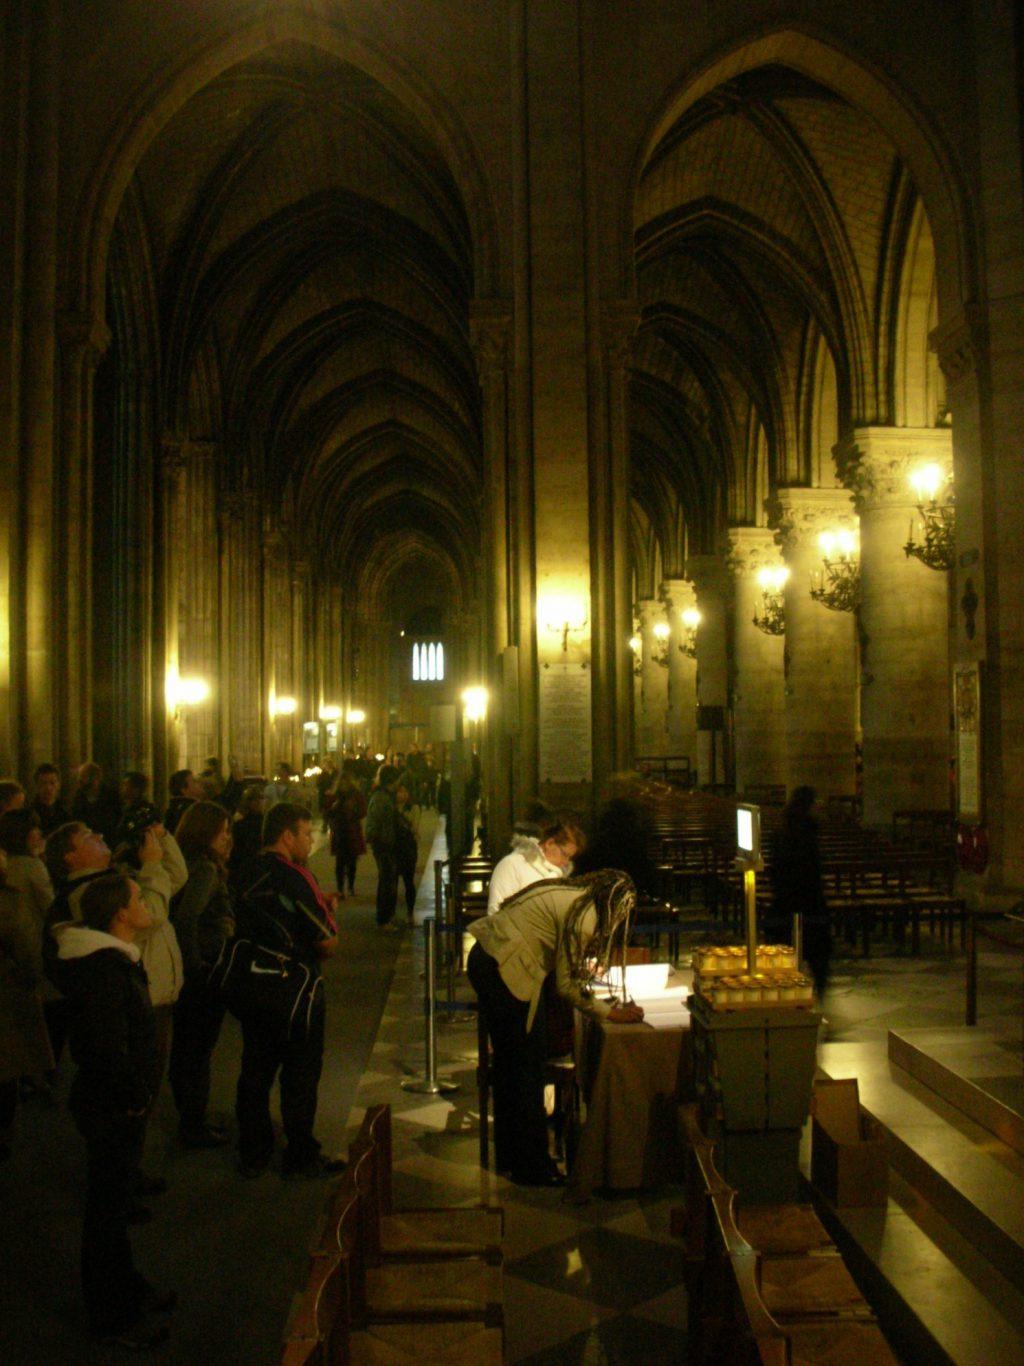 Cathédrale Notre-Dame de Paris パリ・ノートルダム大聖堂、内部